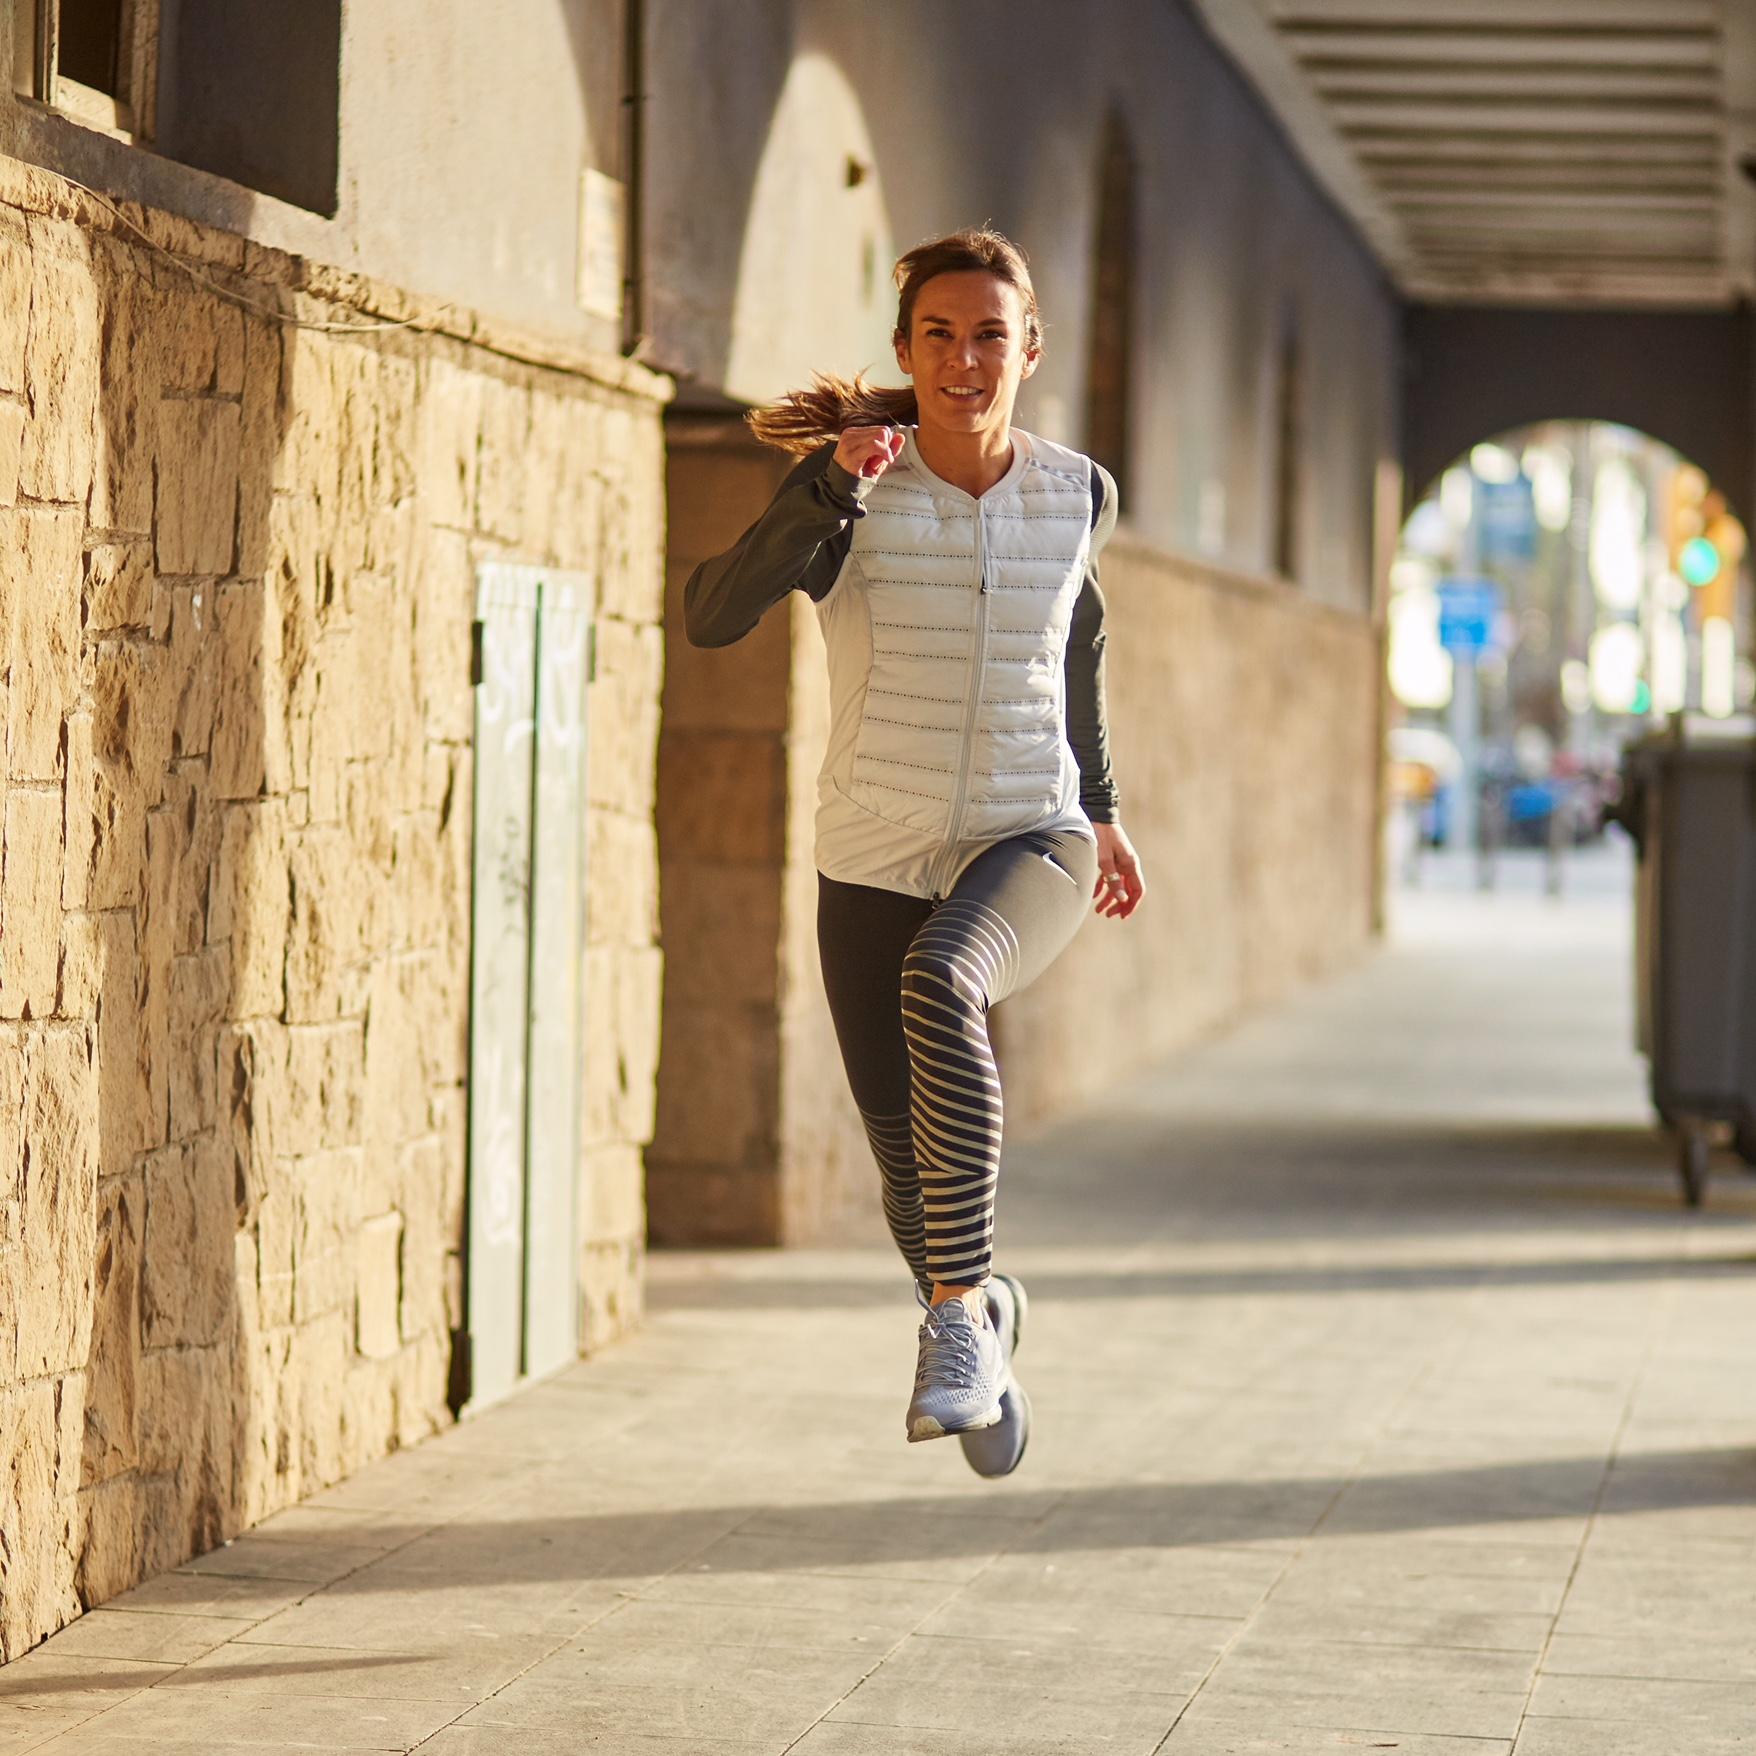 ejercicios para evitar lesiones de rodilla inspirafit nike paula